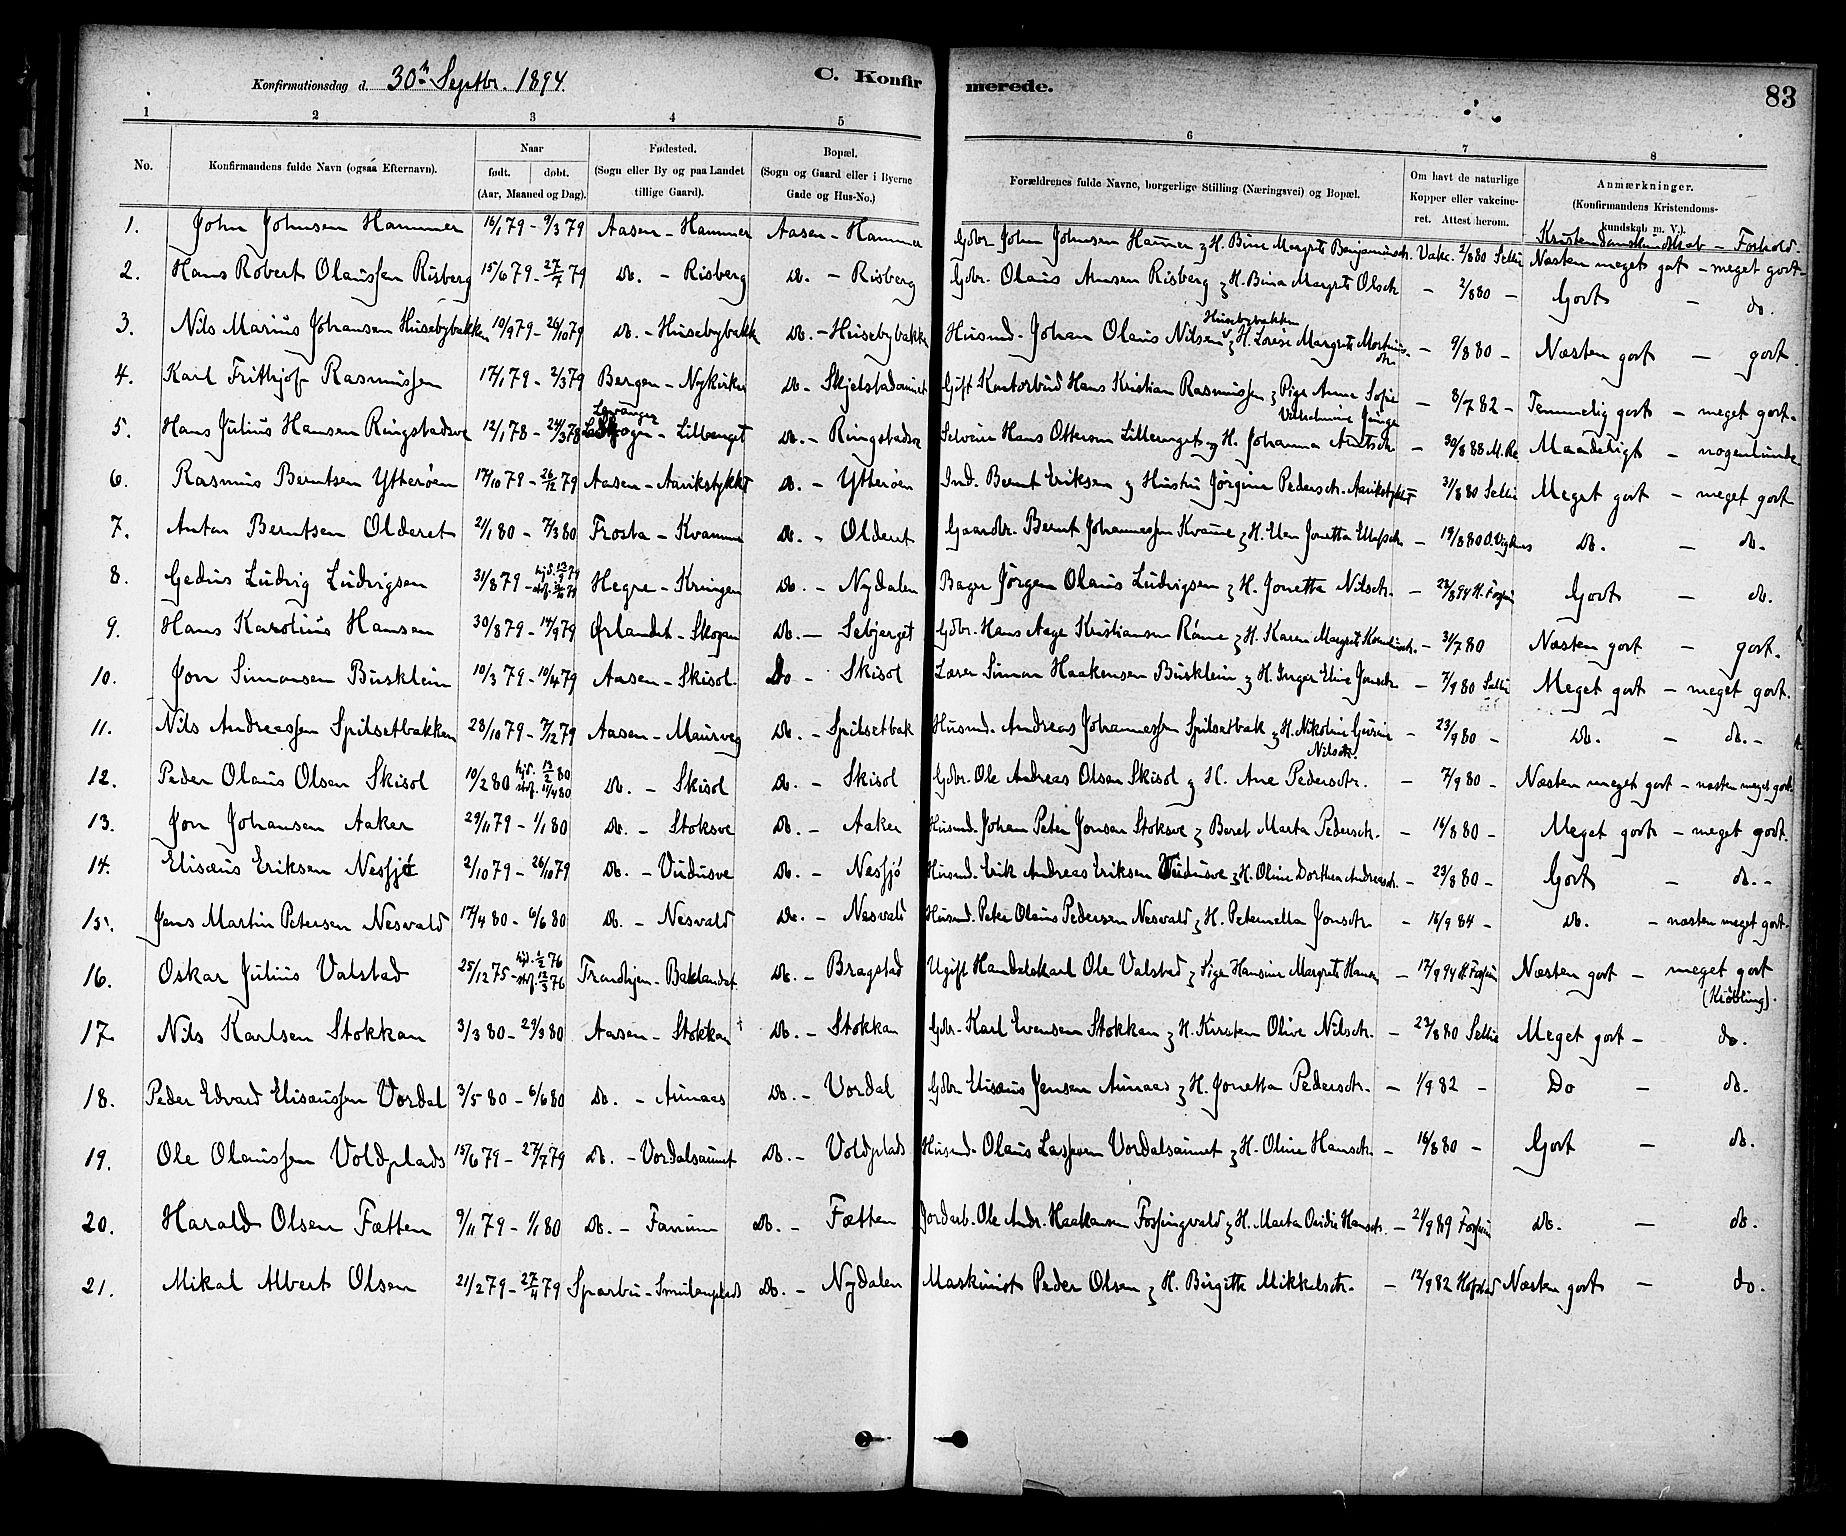 SAT, Ministerialprotokoller, klokkerbøker og fødselsregistre - Nord-Trøndelag, 714/L0130: Ministerialbok nr. 714A01, 1878-1895, s. 83